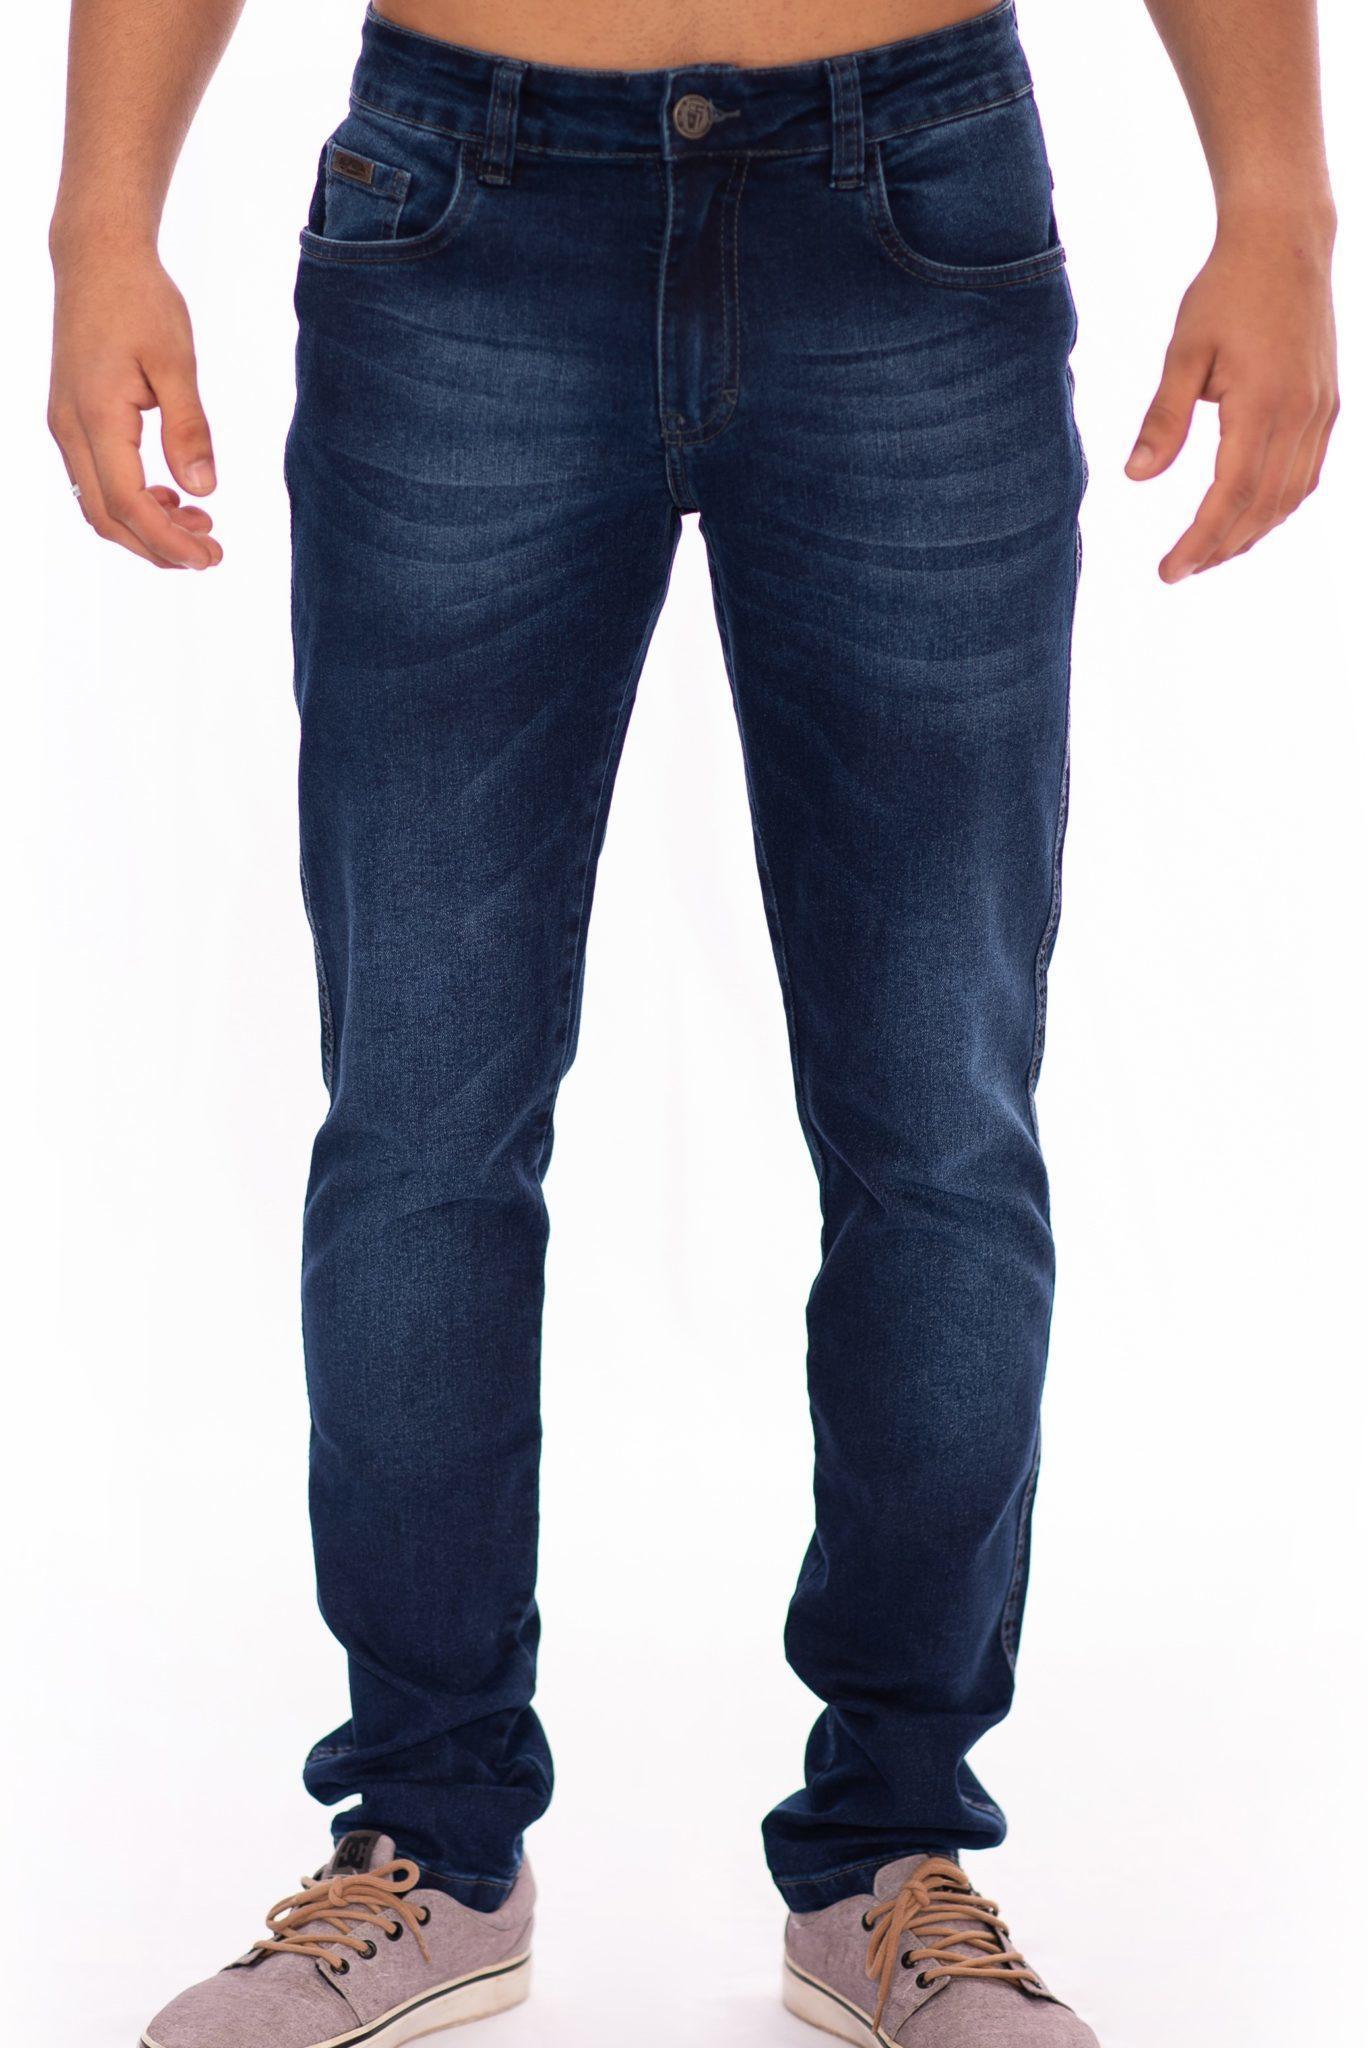 Calça Jeans Masculina Slim Fit Aee Surf